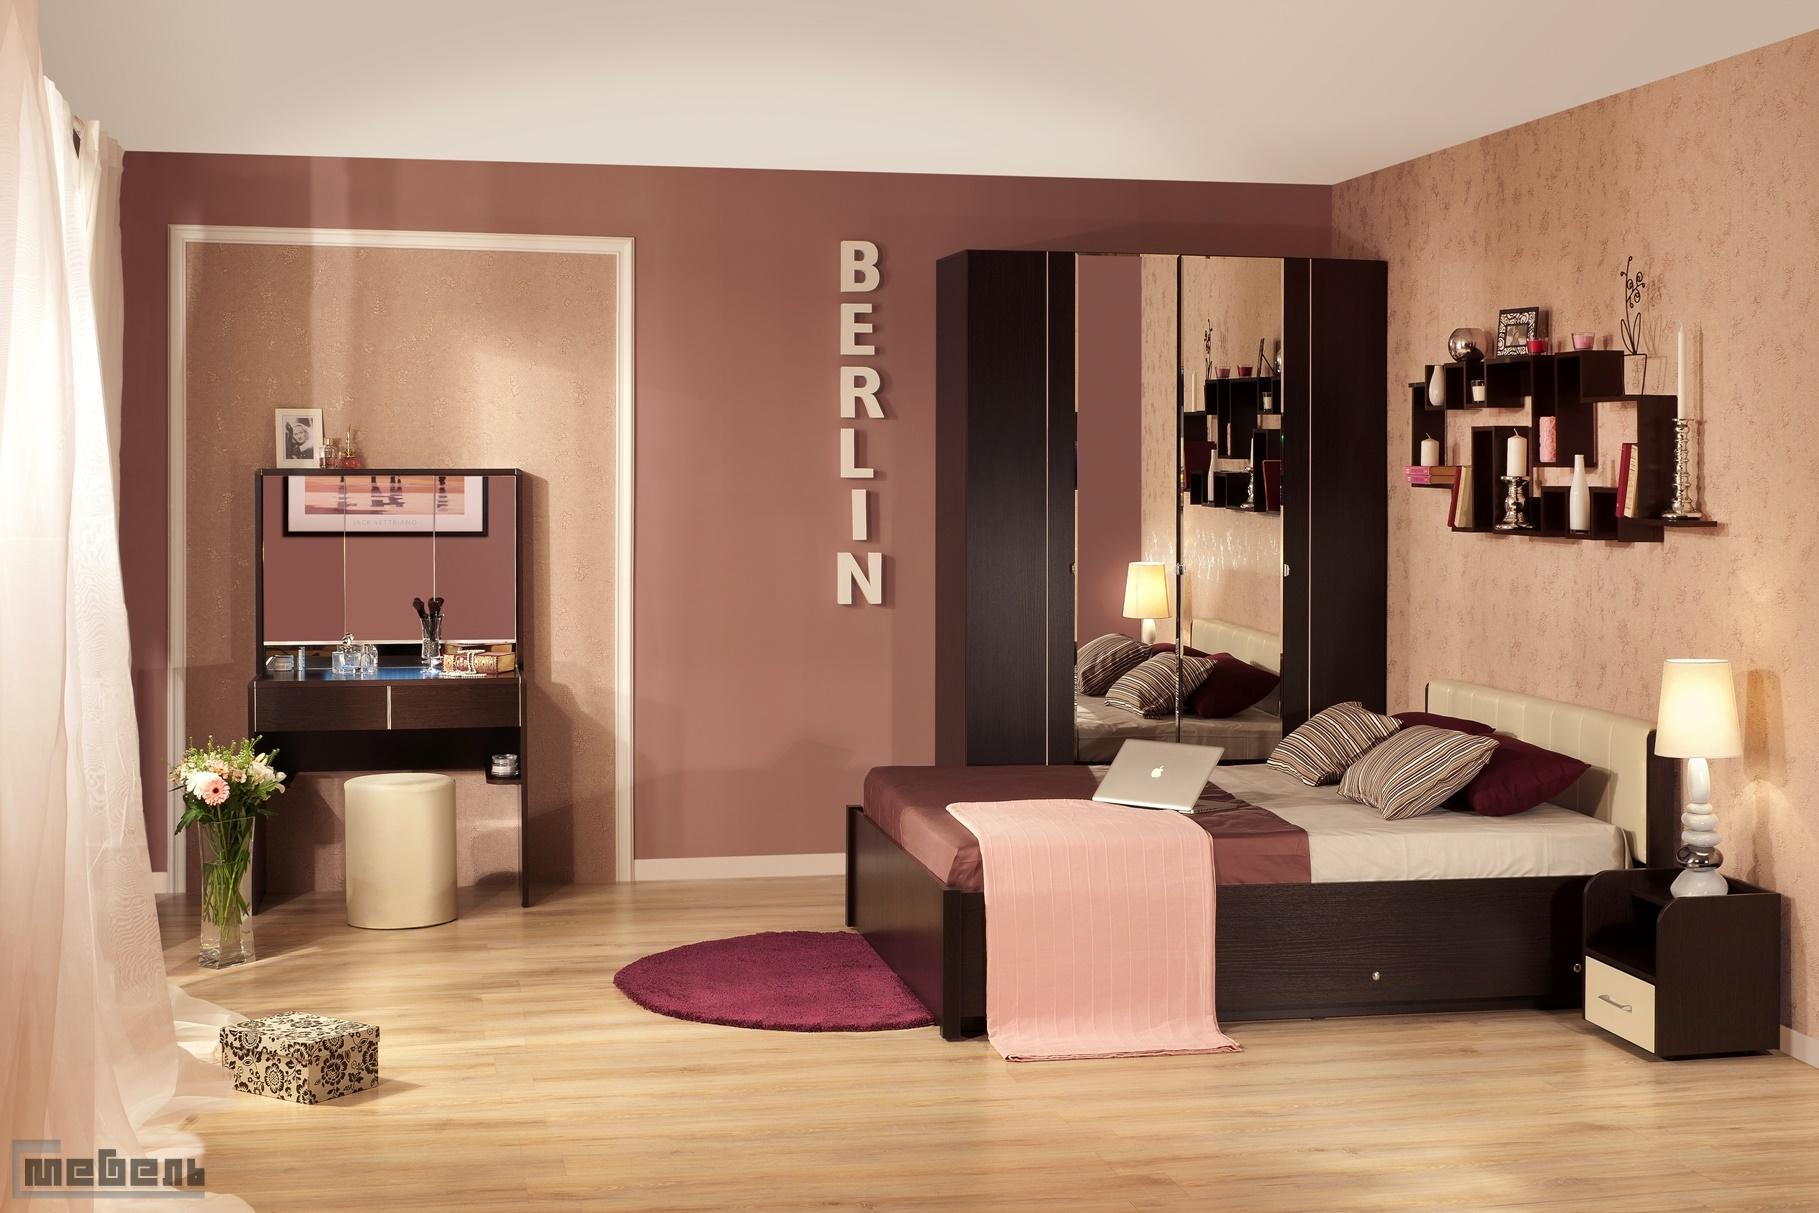 """Спальня """"BERLIN"""" (БЕРЛИН) (модульная) - Комплектация № 2"""